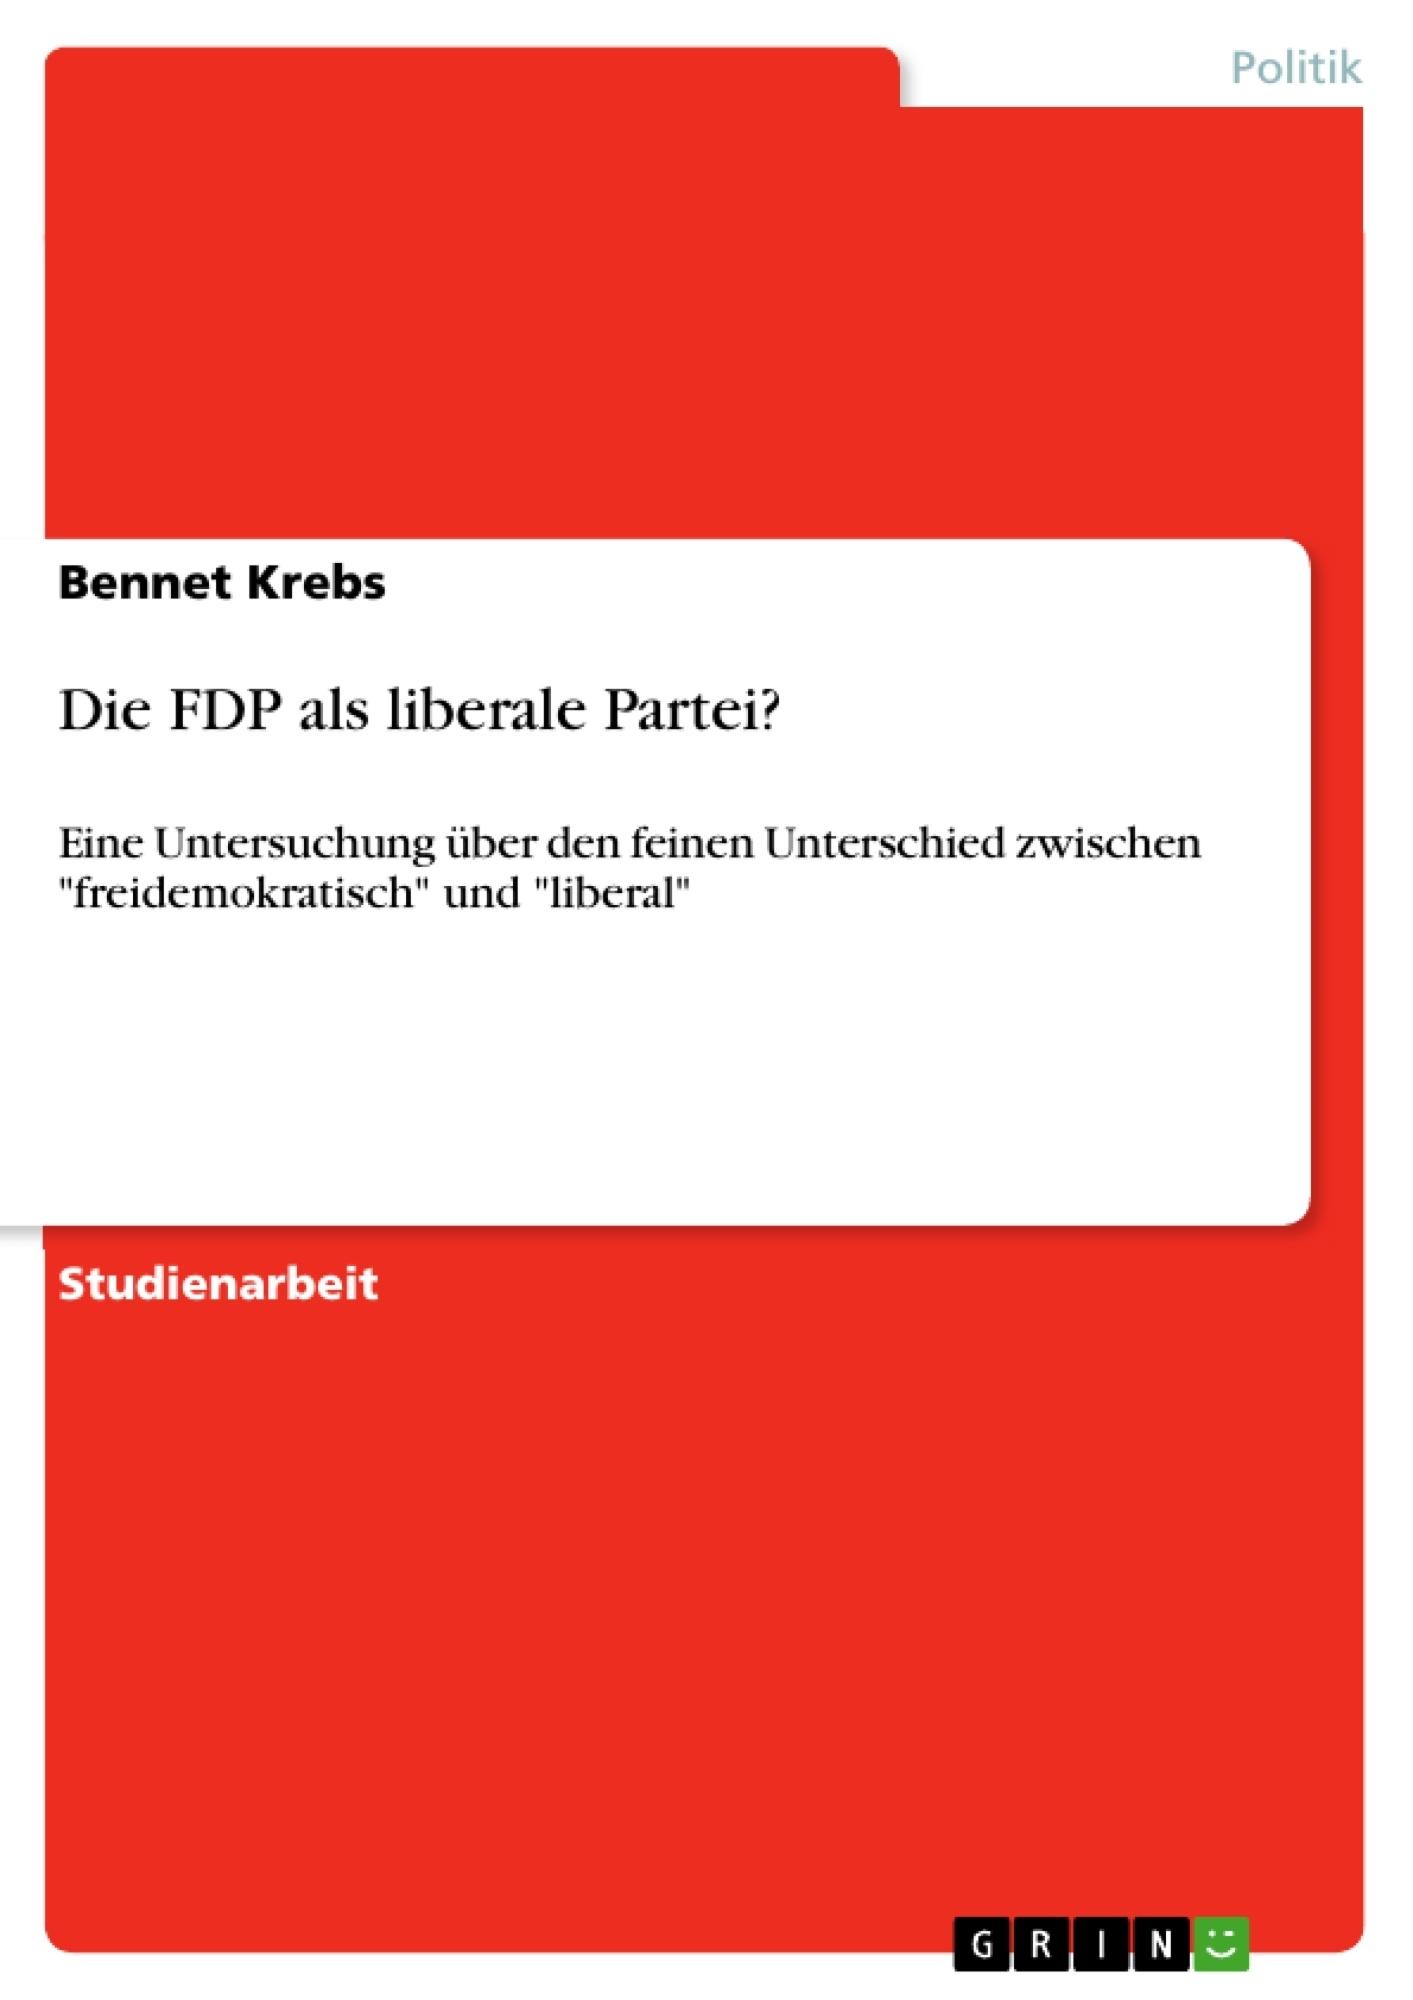 Titel: Die FDP als liberale Partei?